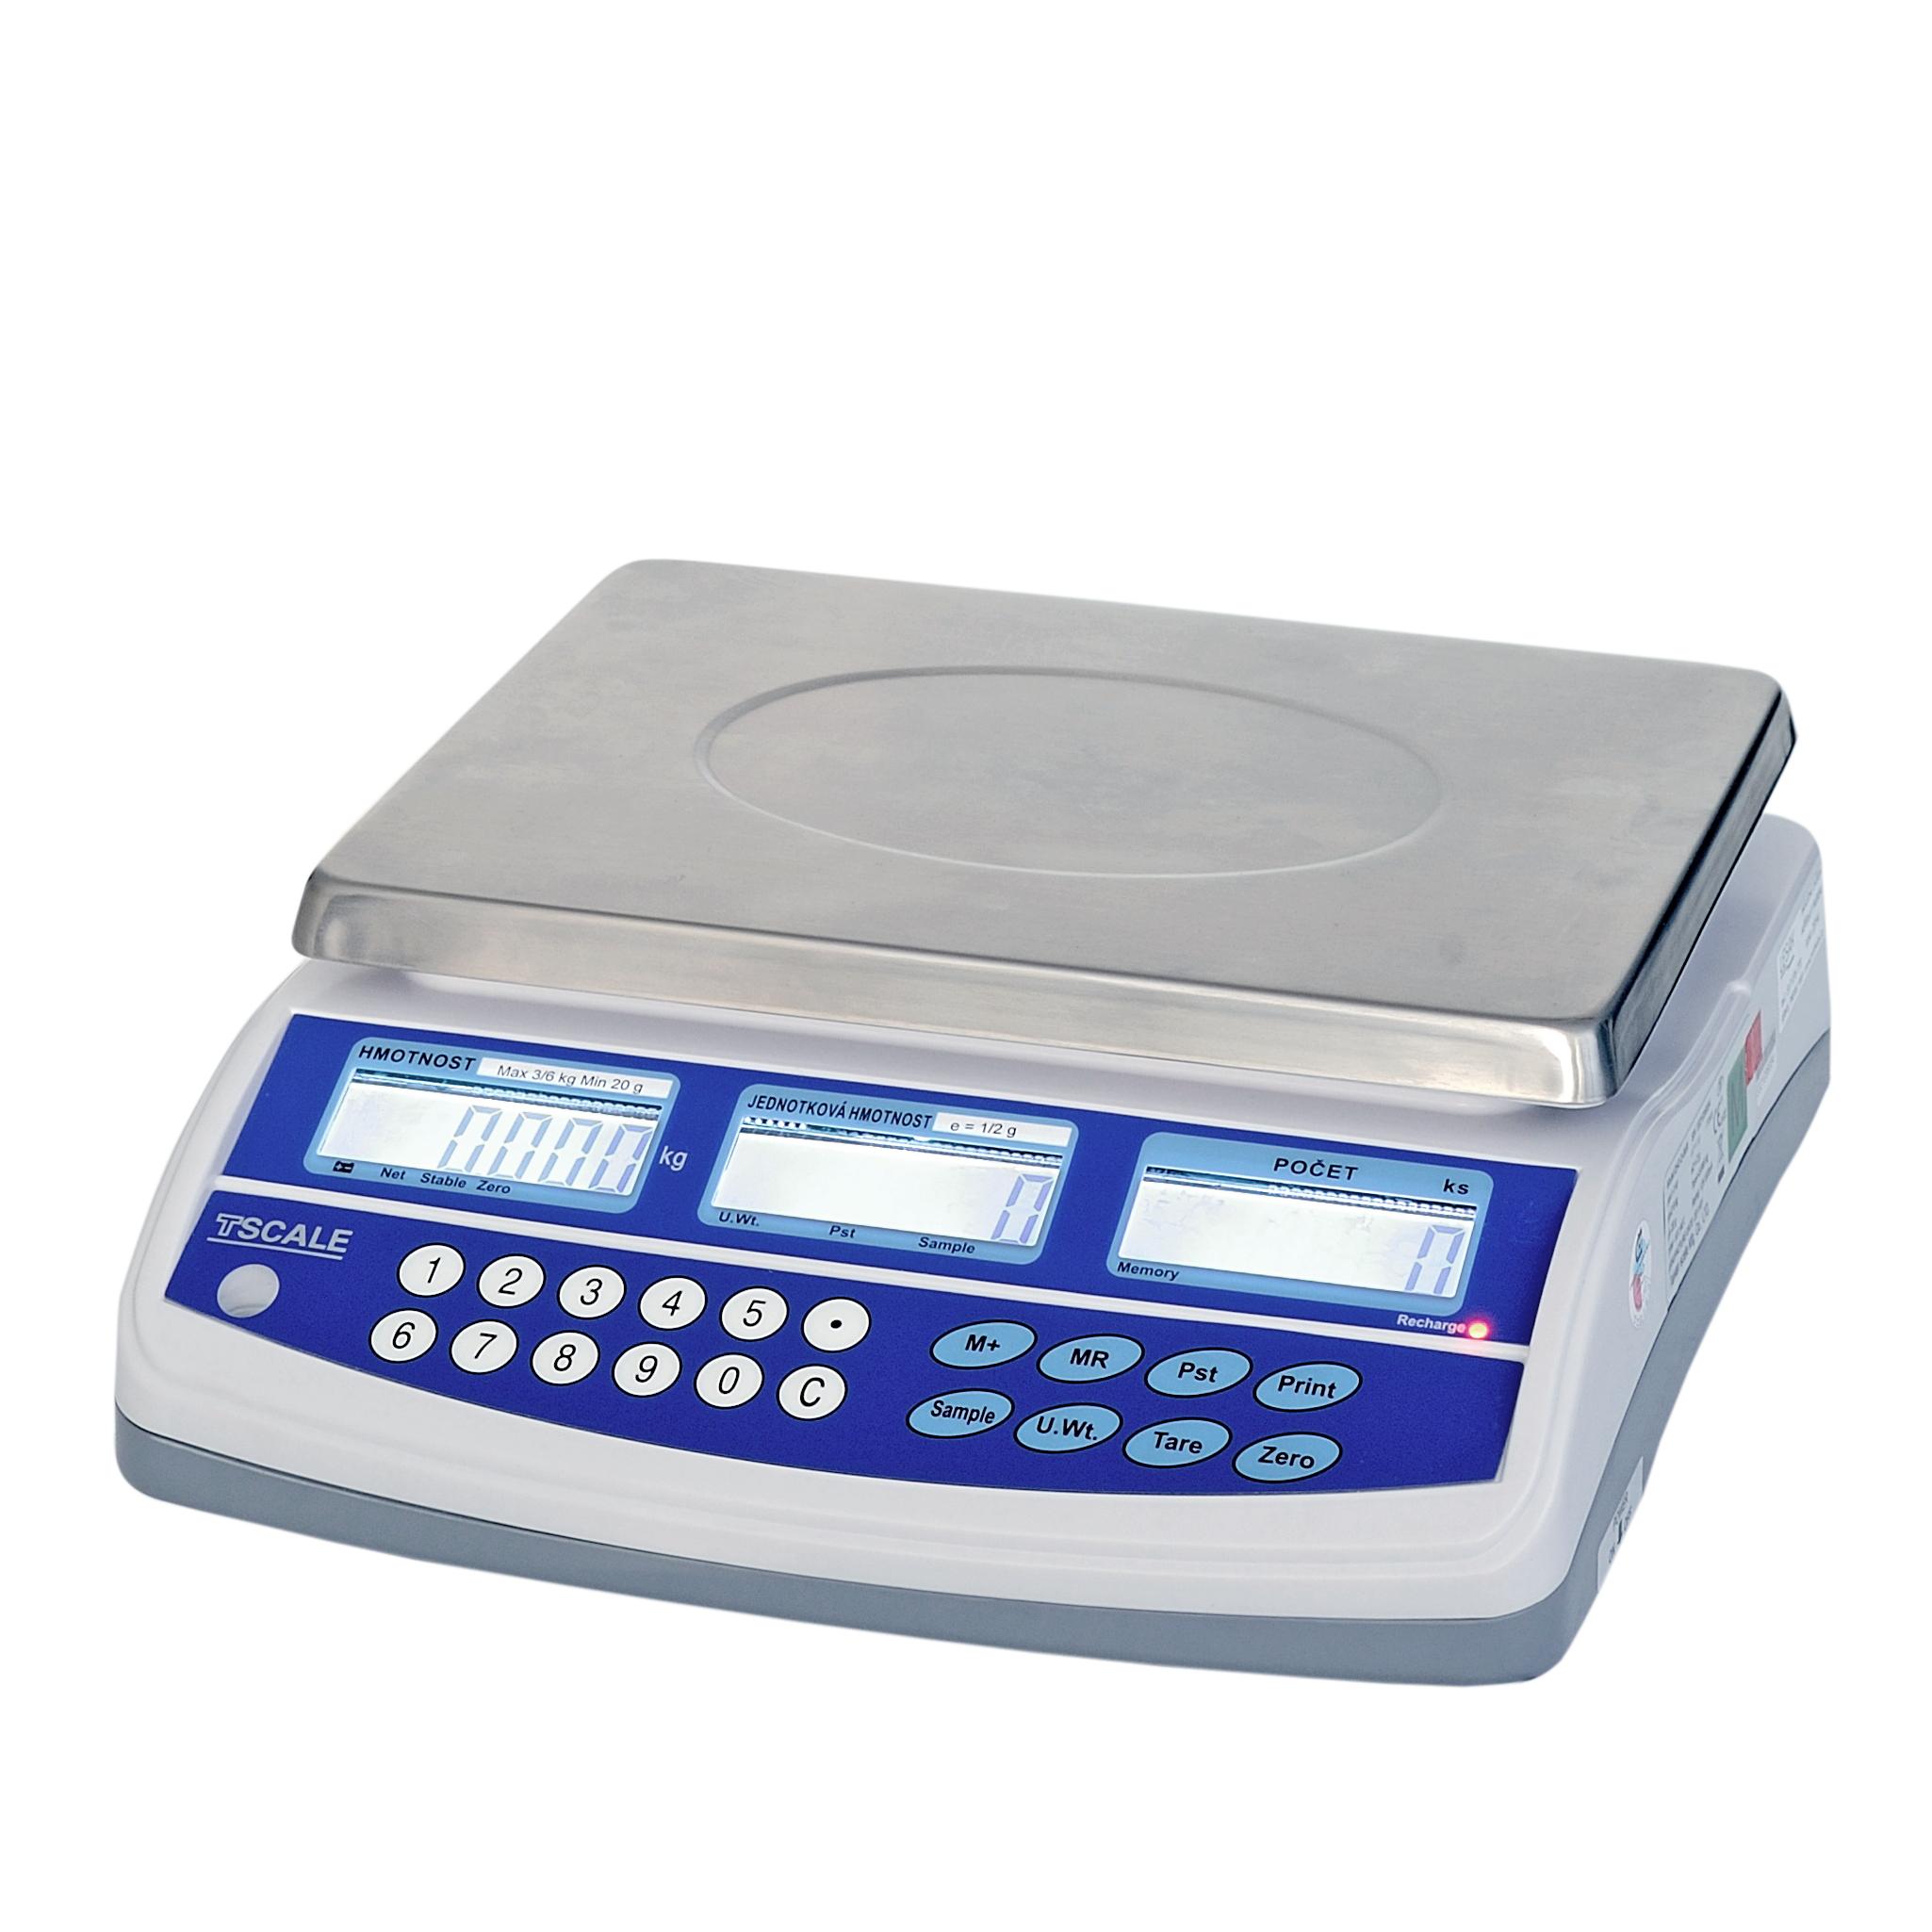 TSCALE QHD-15 PLUS, 15kg/0,2g, 225mmx300mm (Stolní počítací váha pro kontrolní vážení s velkou přesností)